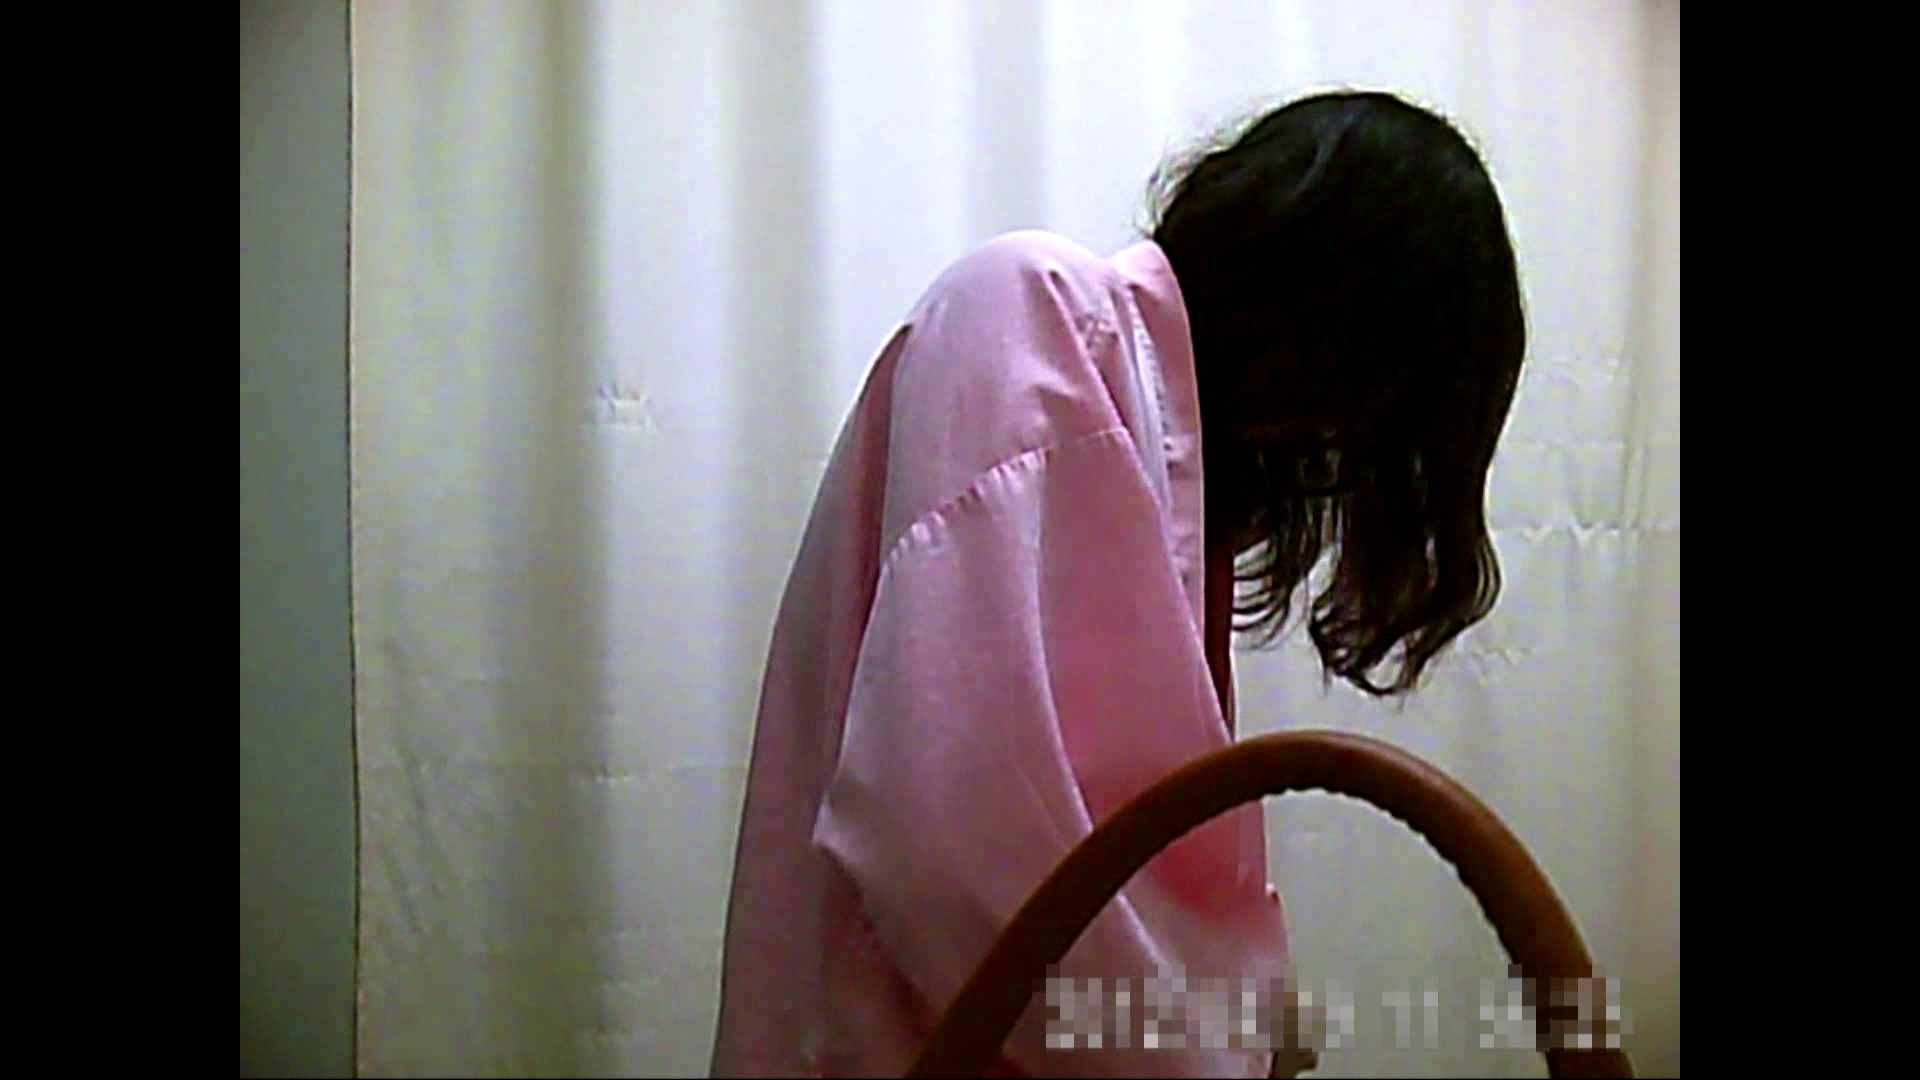 病院おもいっきり着替え! vol.282 おっぱい オマンコ無修正動画無料 85pic 22